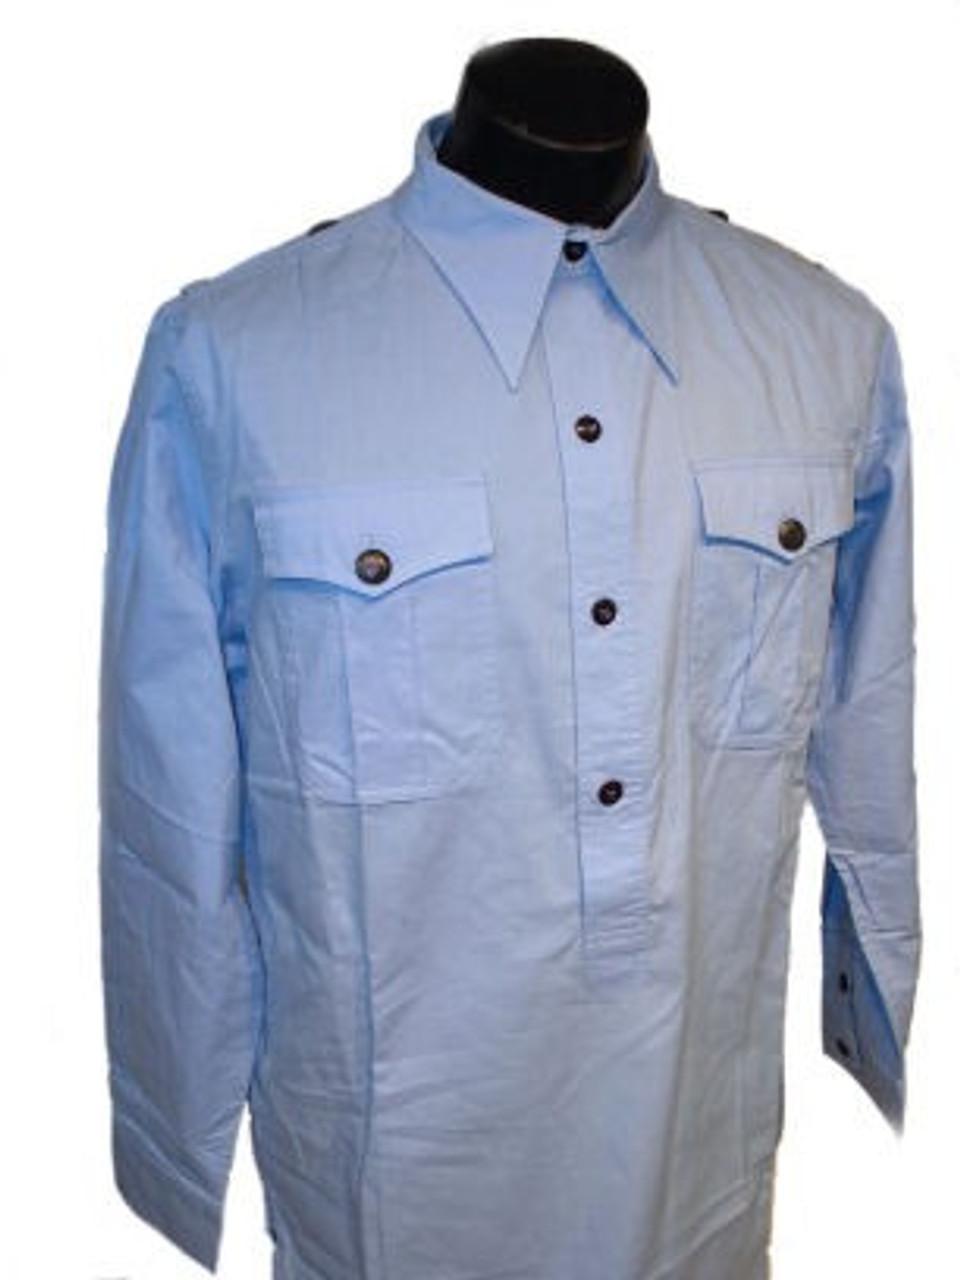 German Luftwaffe Service Shirt from Hessen Antique